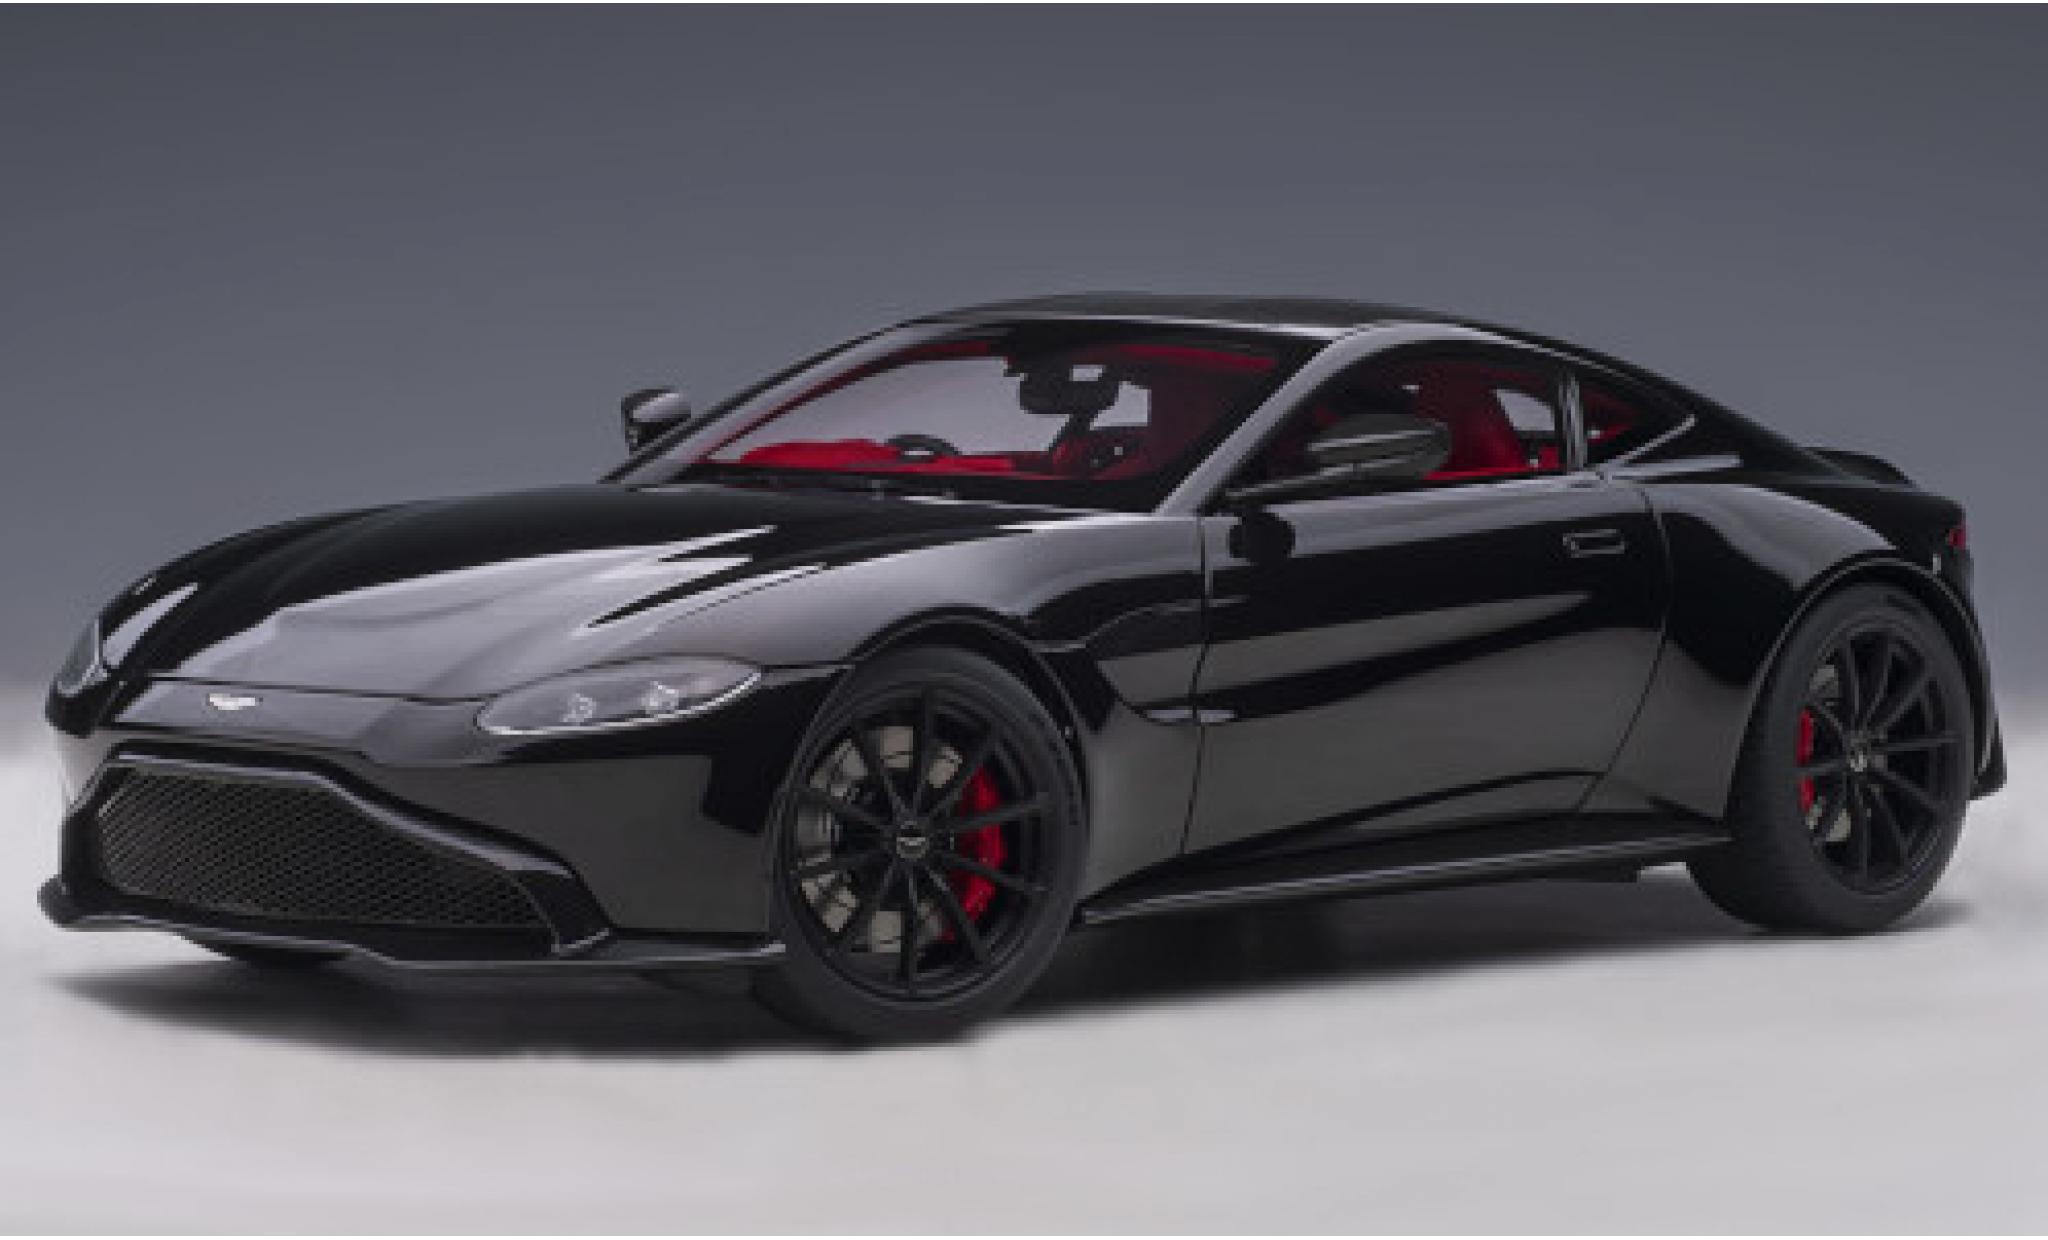 Aston Martin Vantage 1/18 AUTOart noire RHD 2019